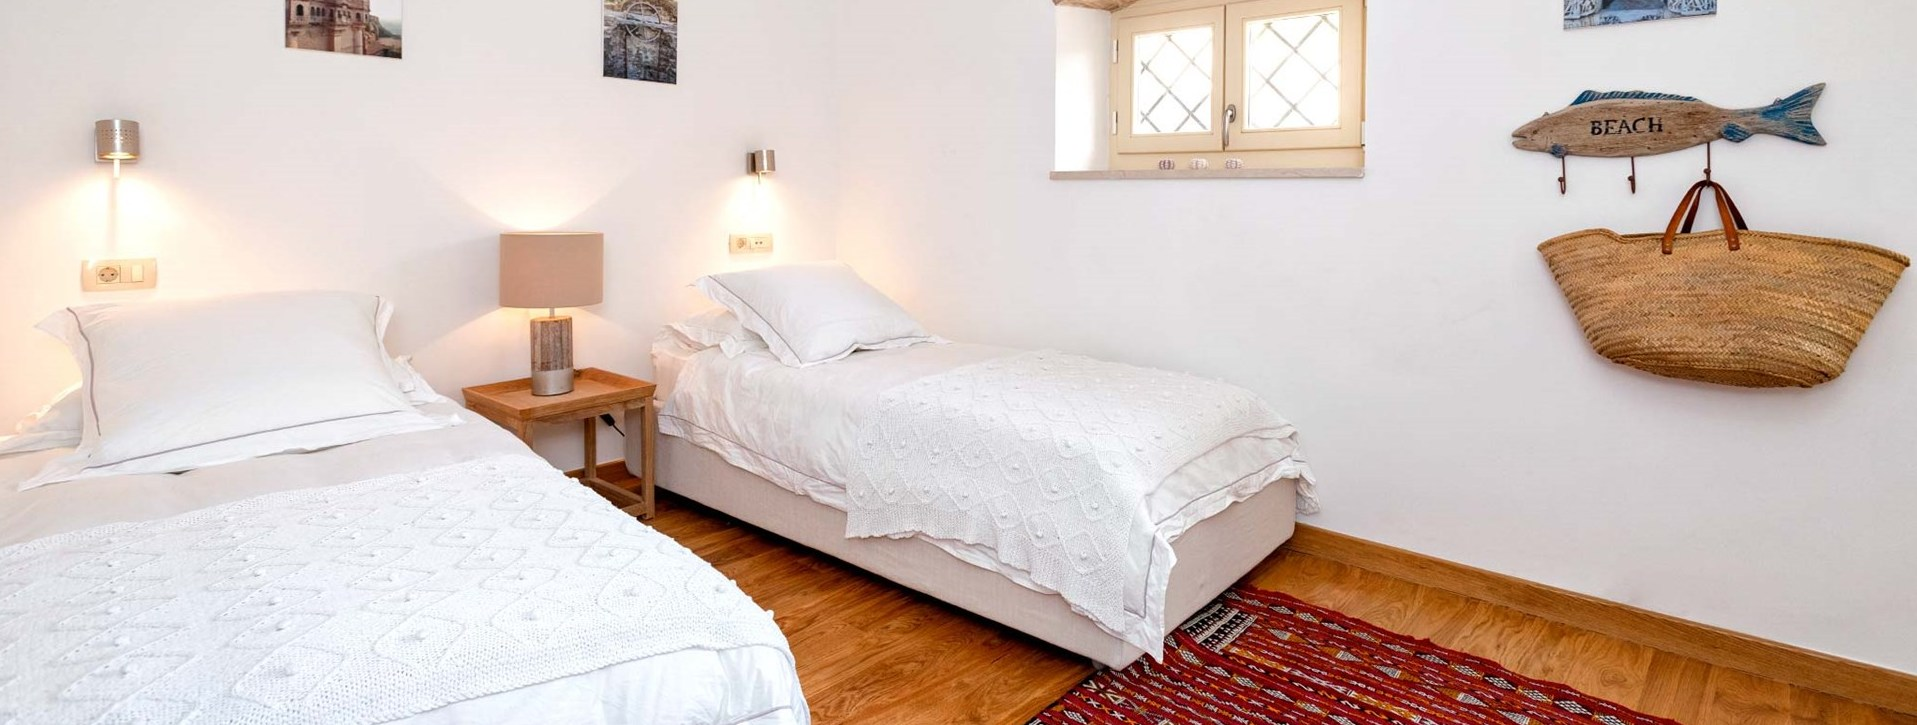 hvar-house-twin-bedroom-2